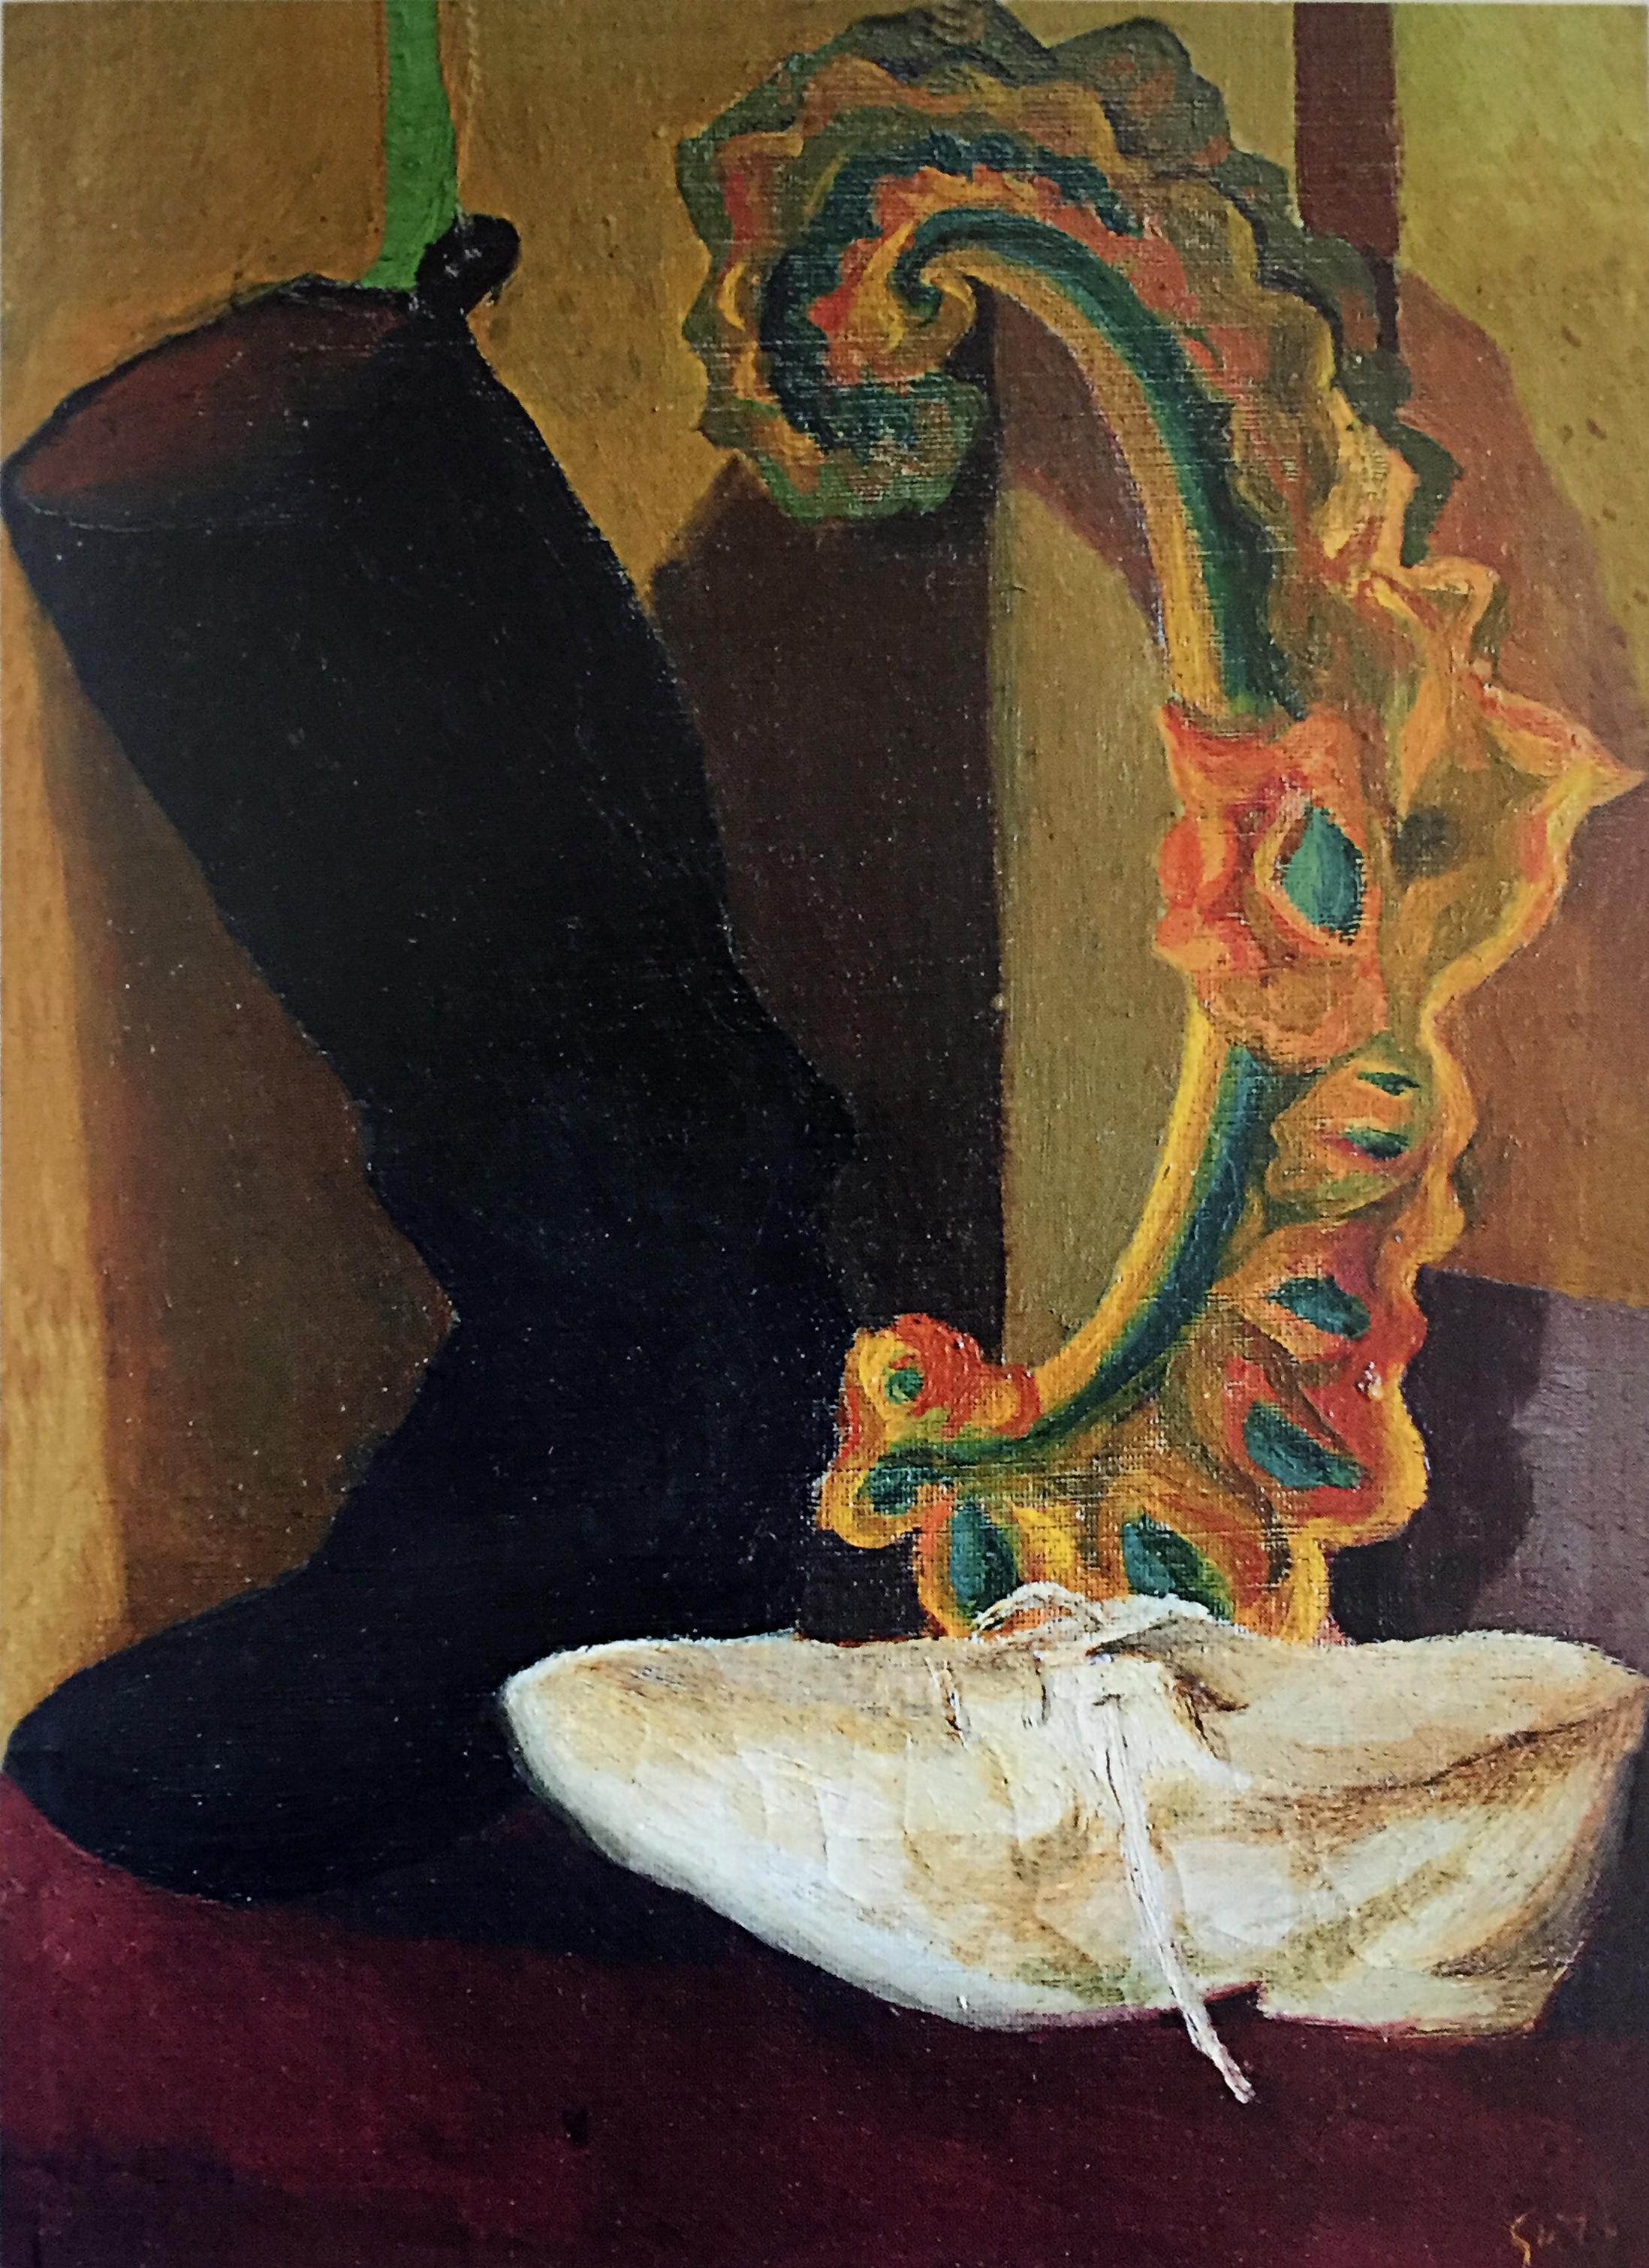 Renato Guttuso, Natura morta con scarpe, 1935